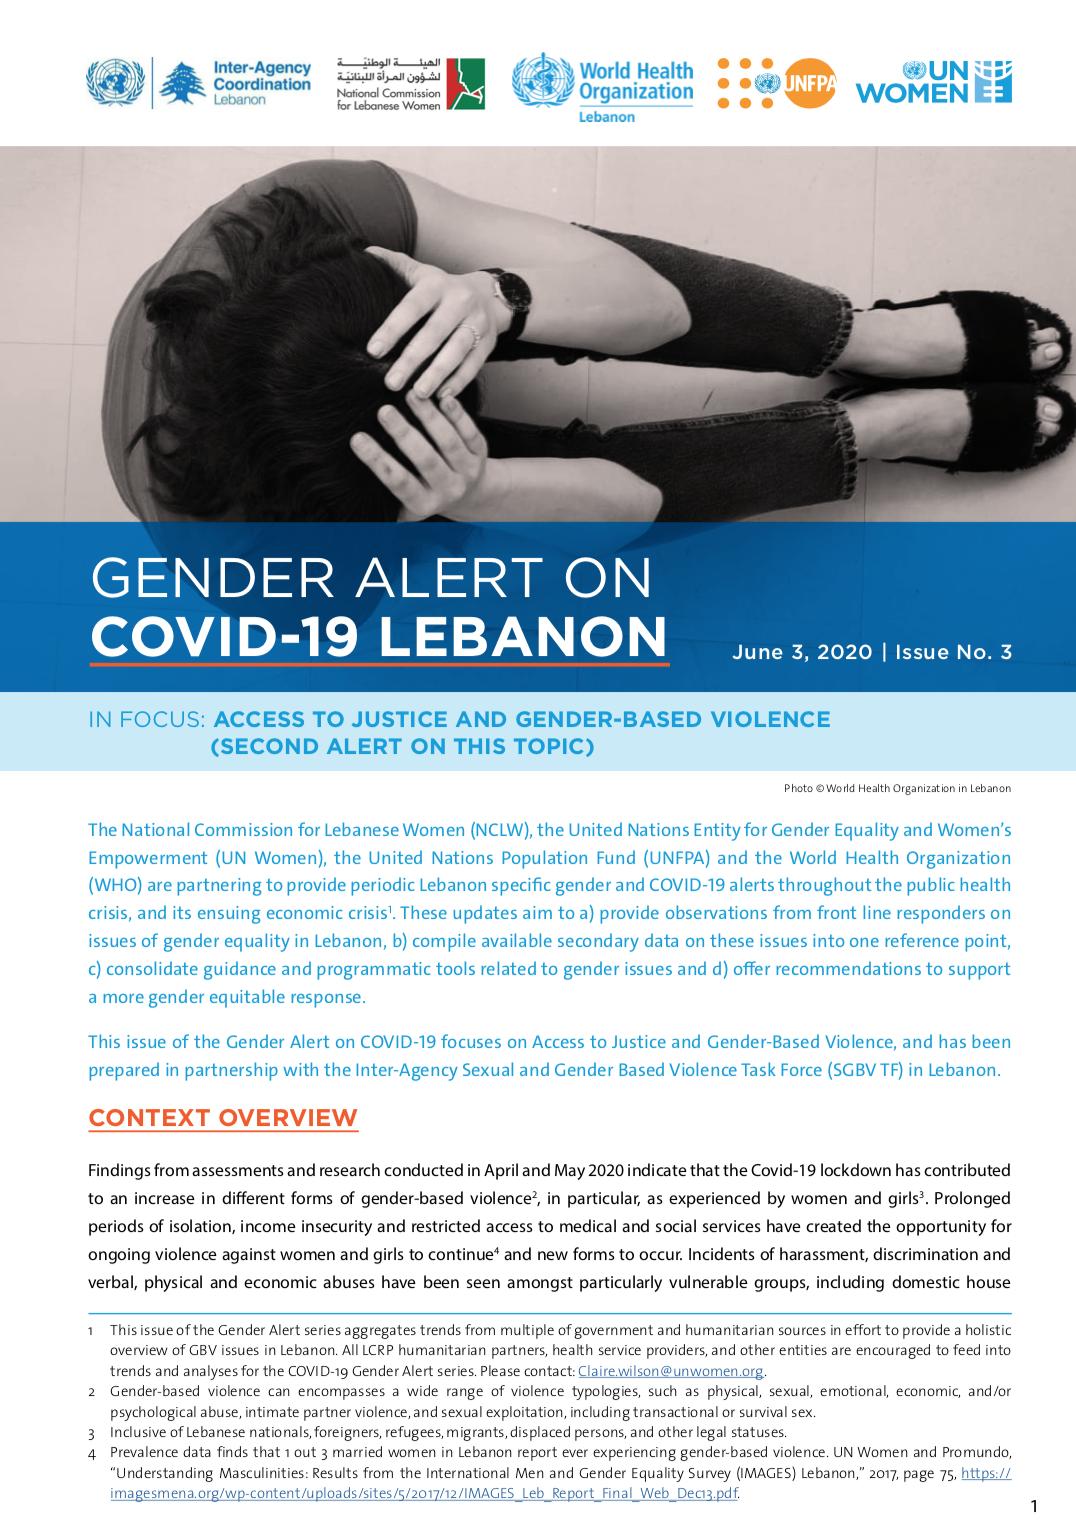 Gender Alert 3 on Covid Lebanon